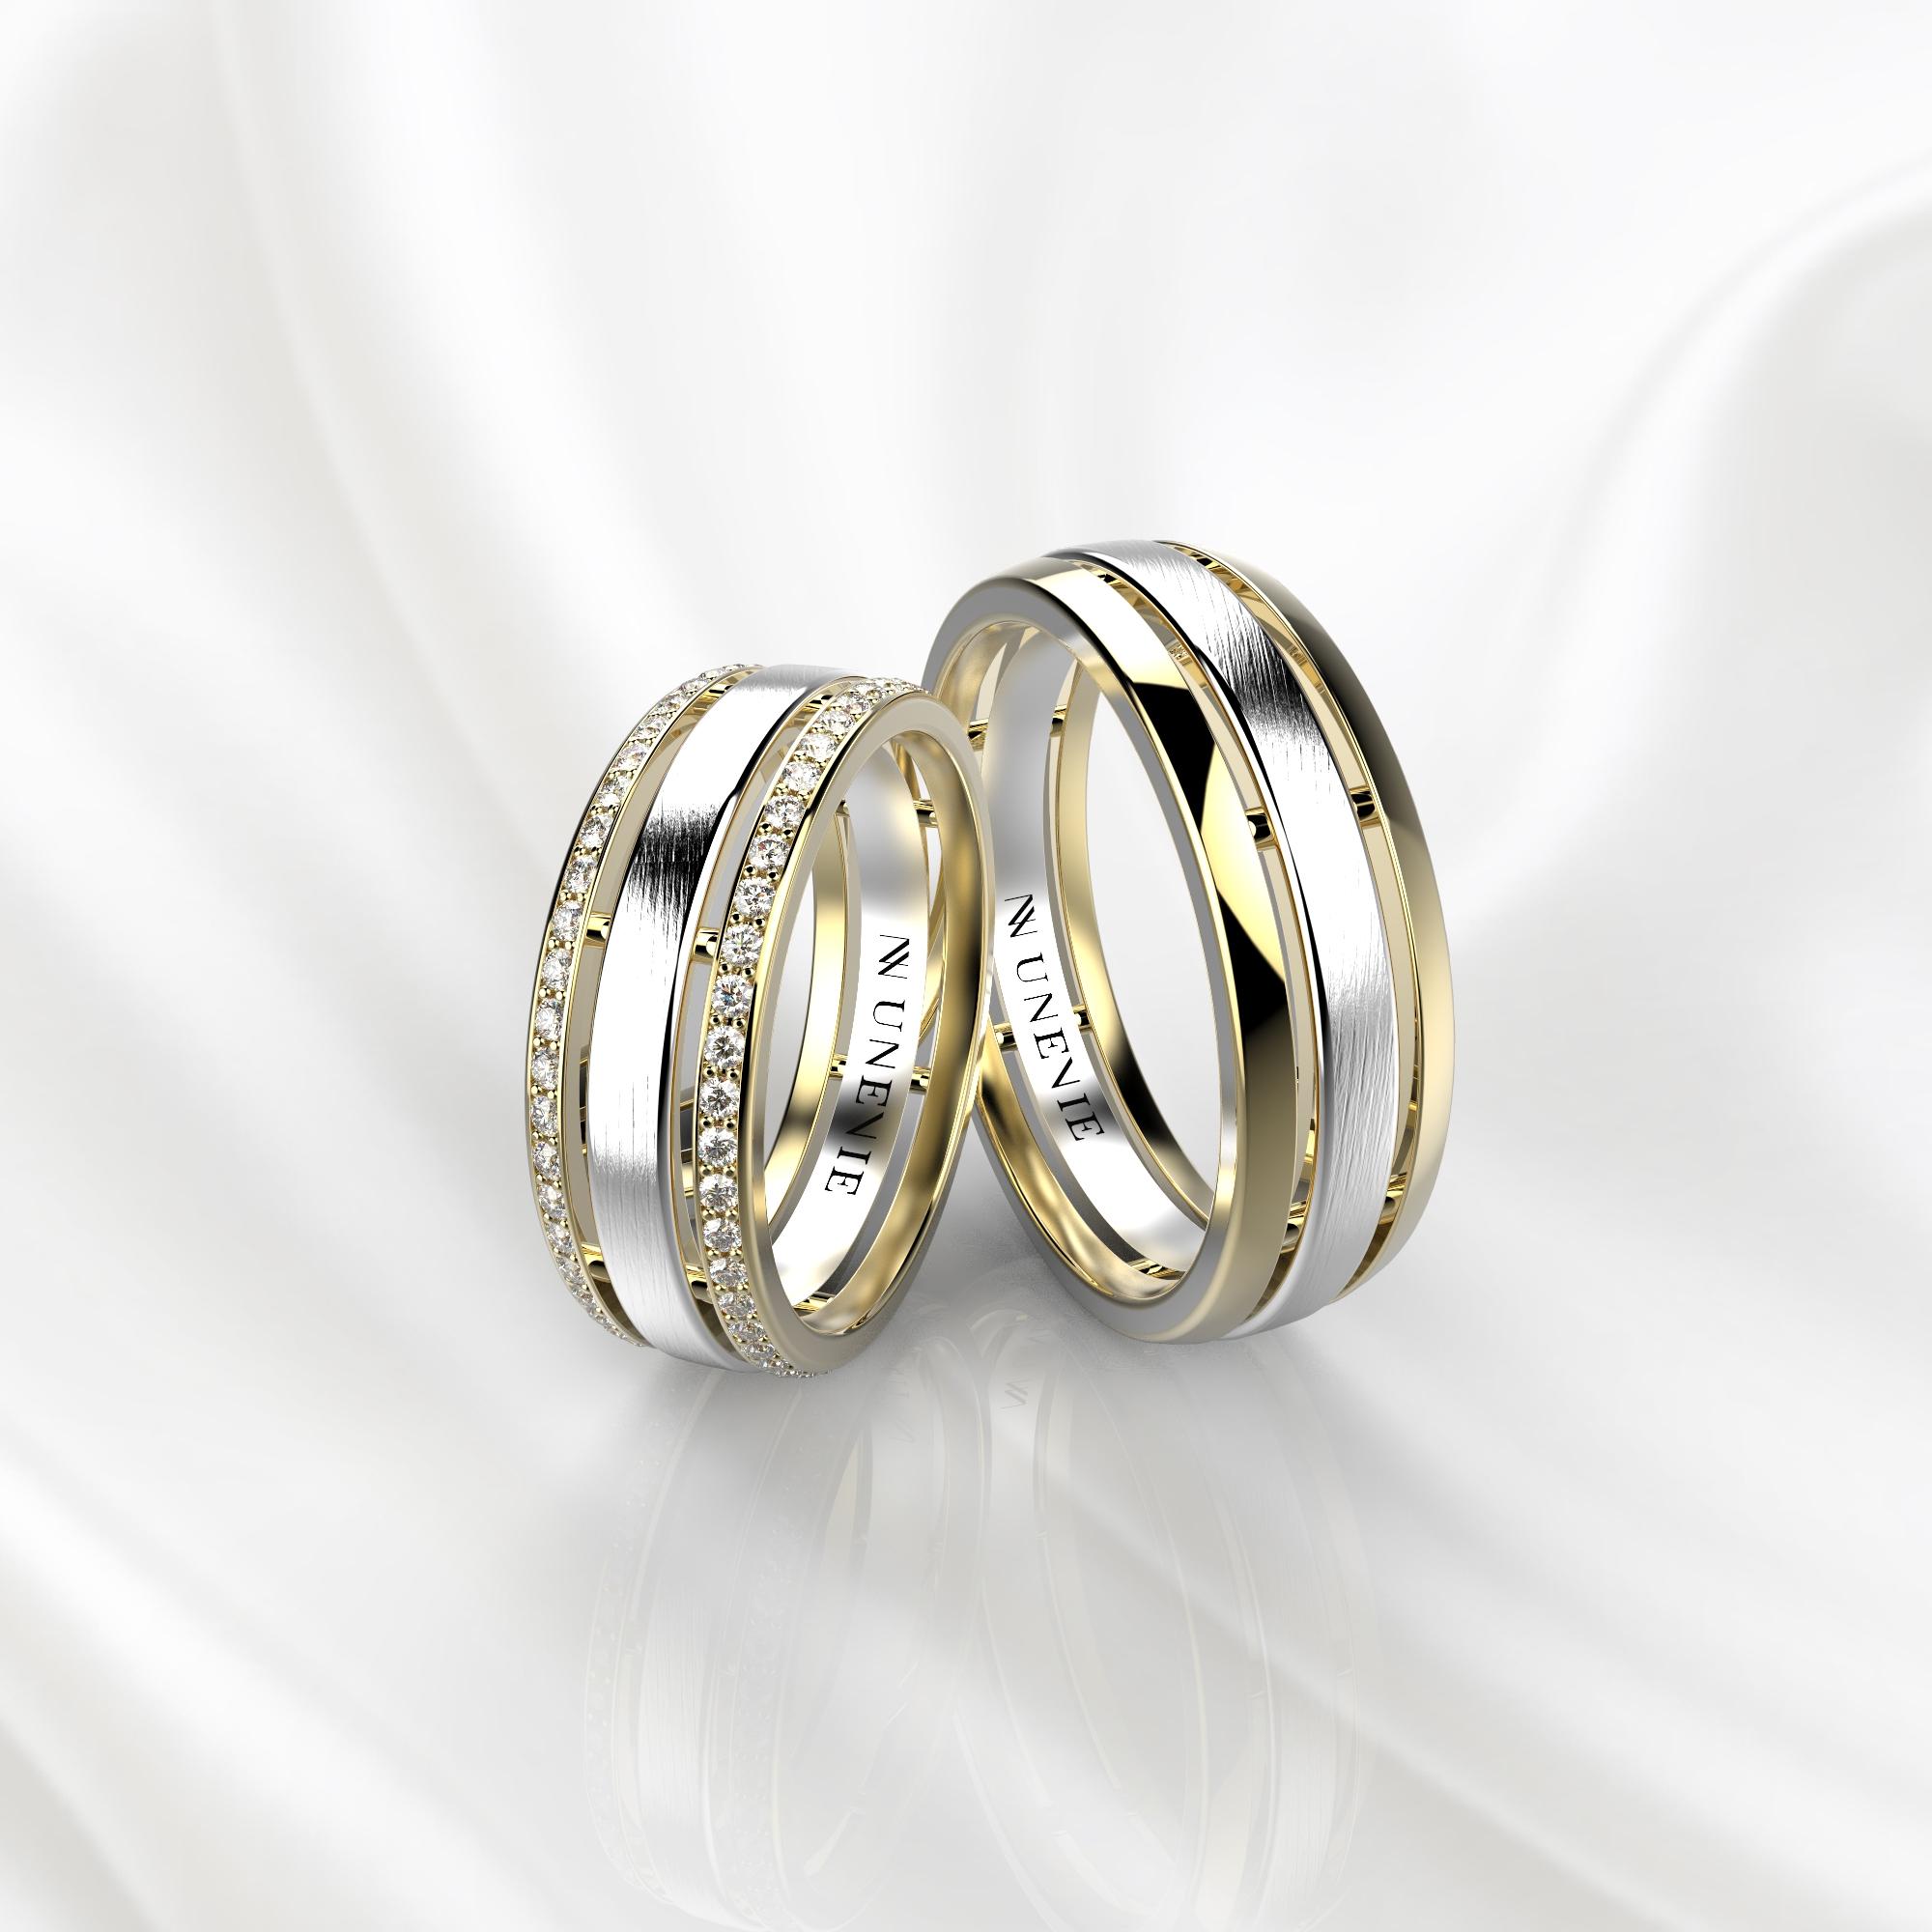 NV52 Парные обручальные кольца из желто-белого золота с бриллиантами